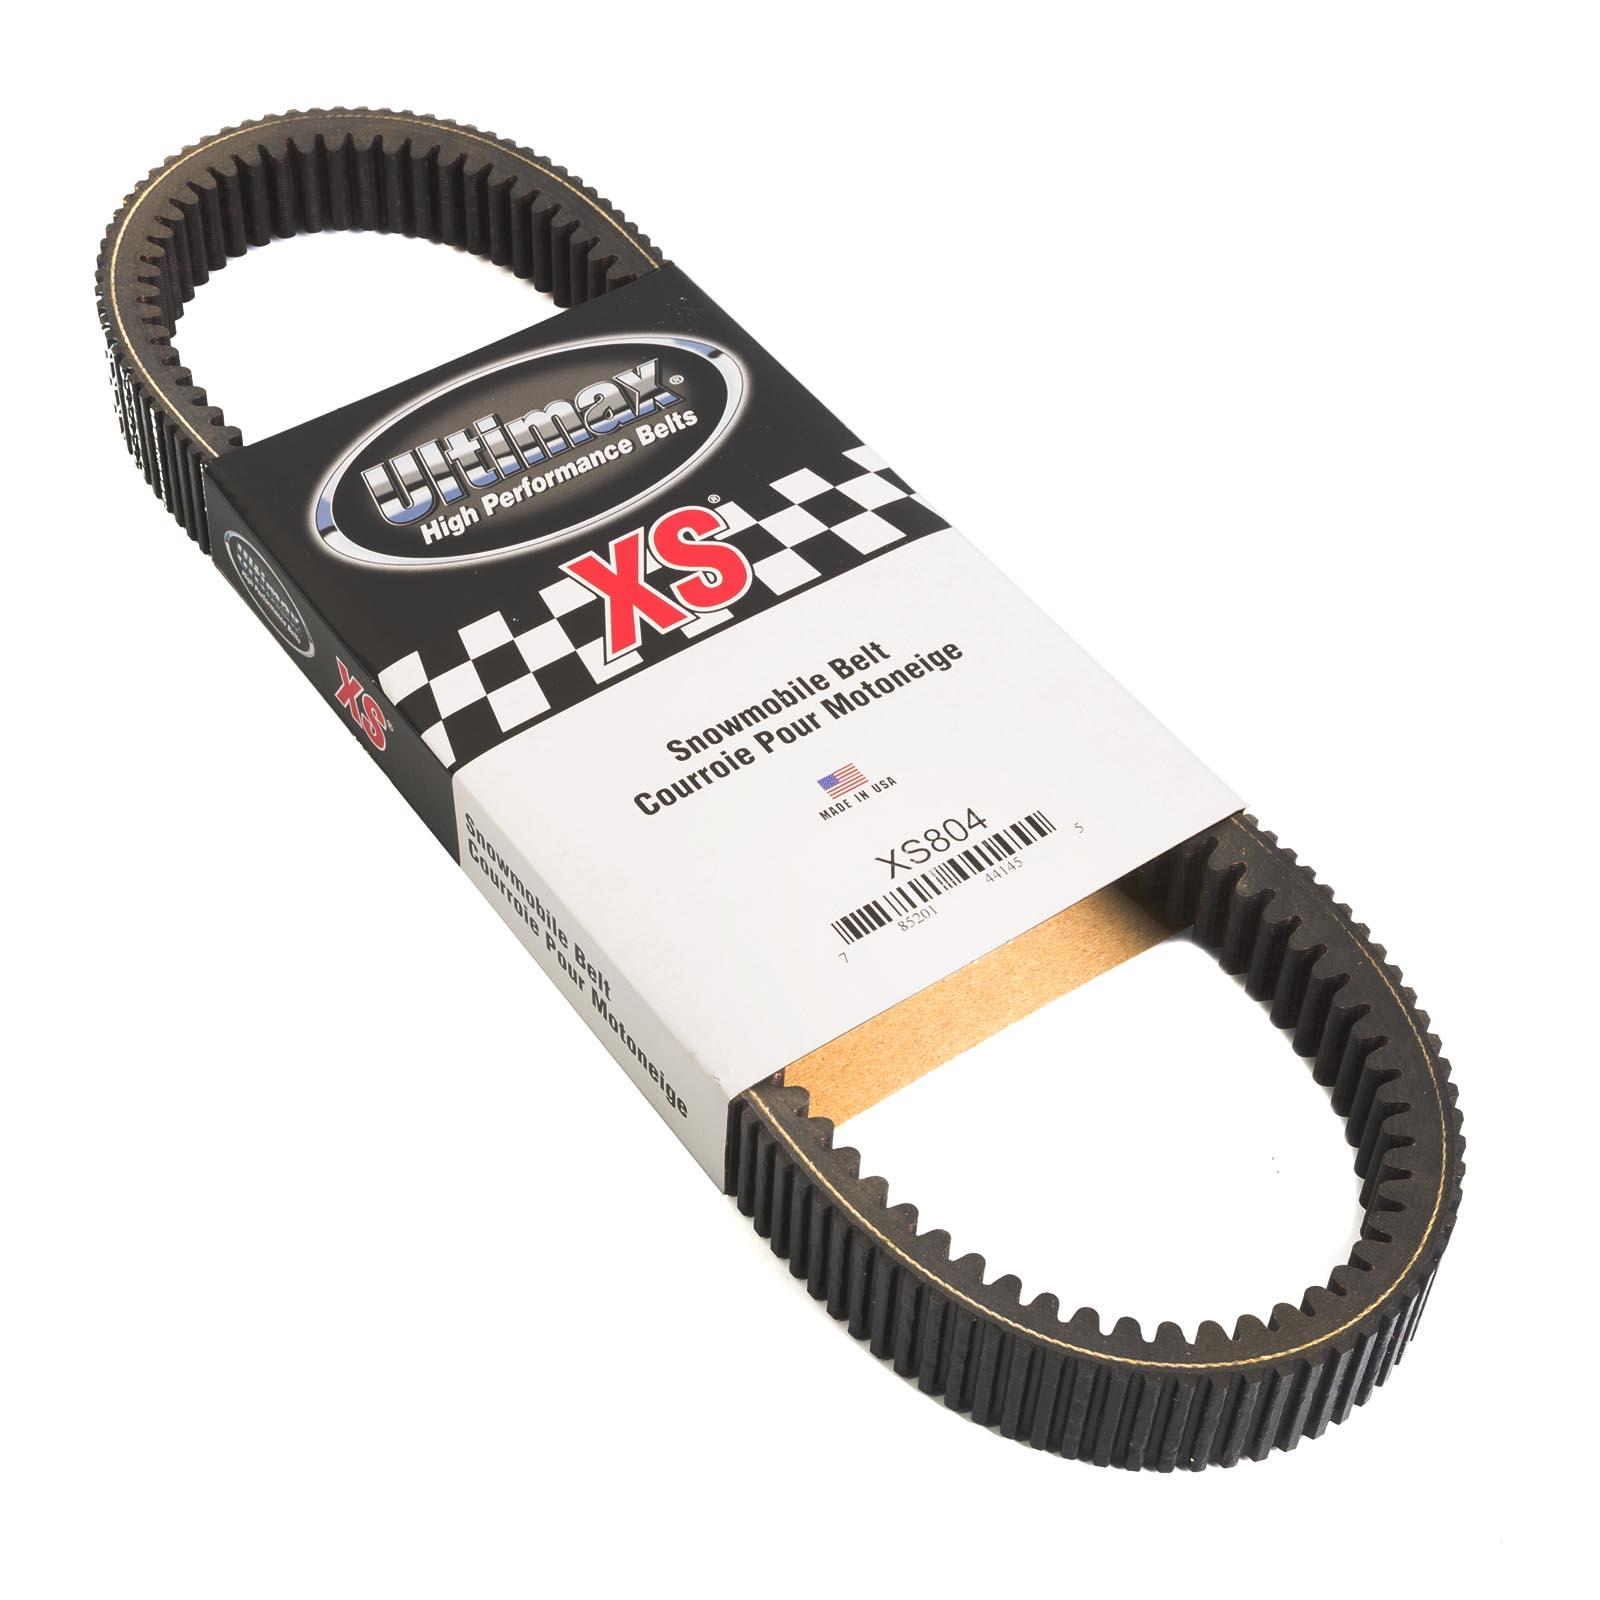 Dayco XTX5041 Drive Belt